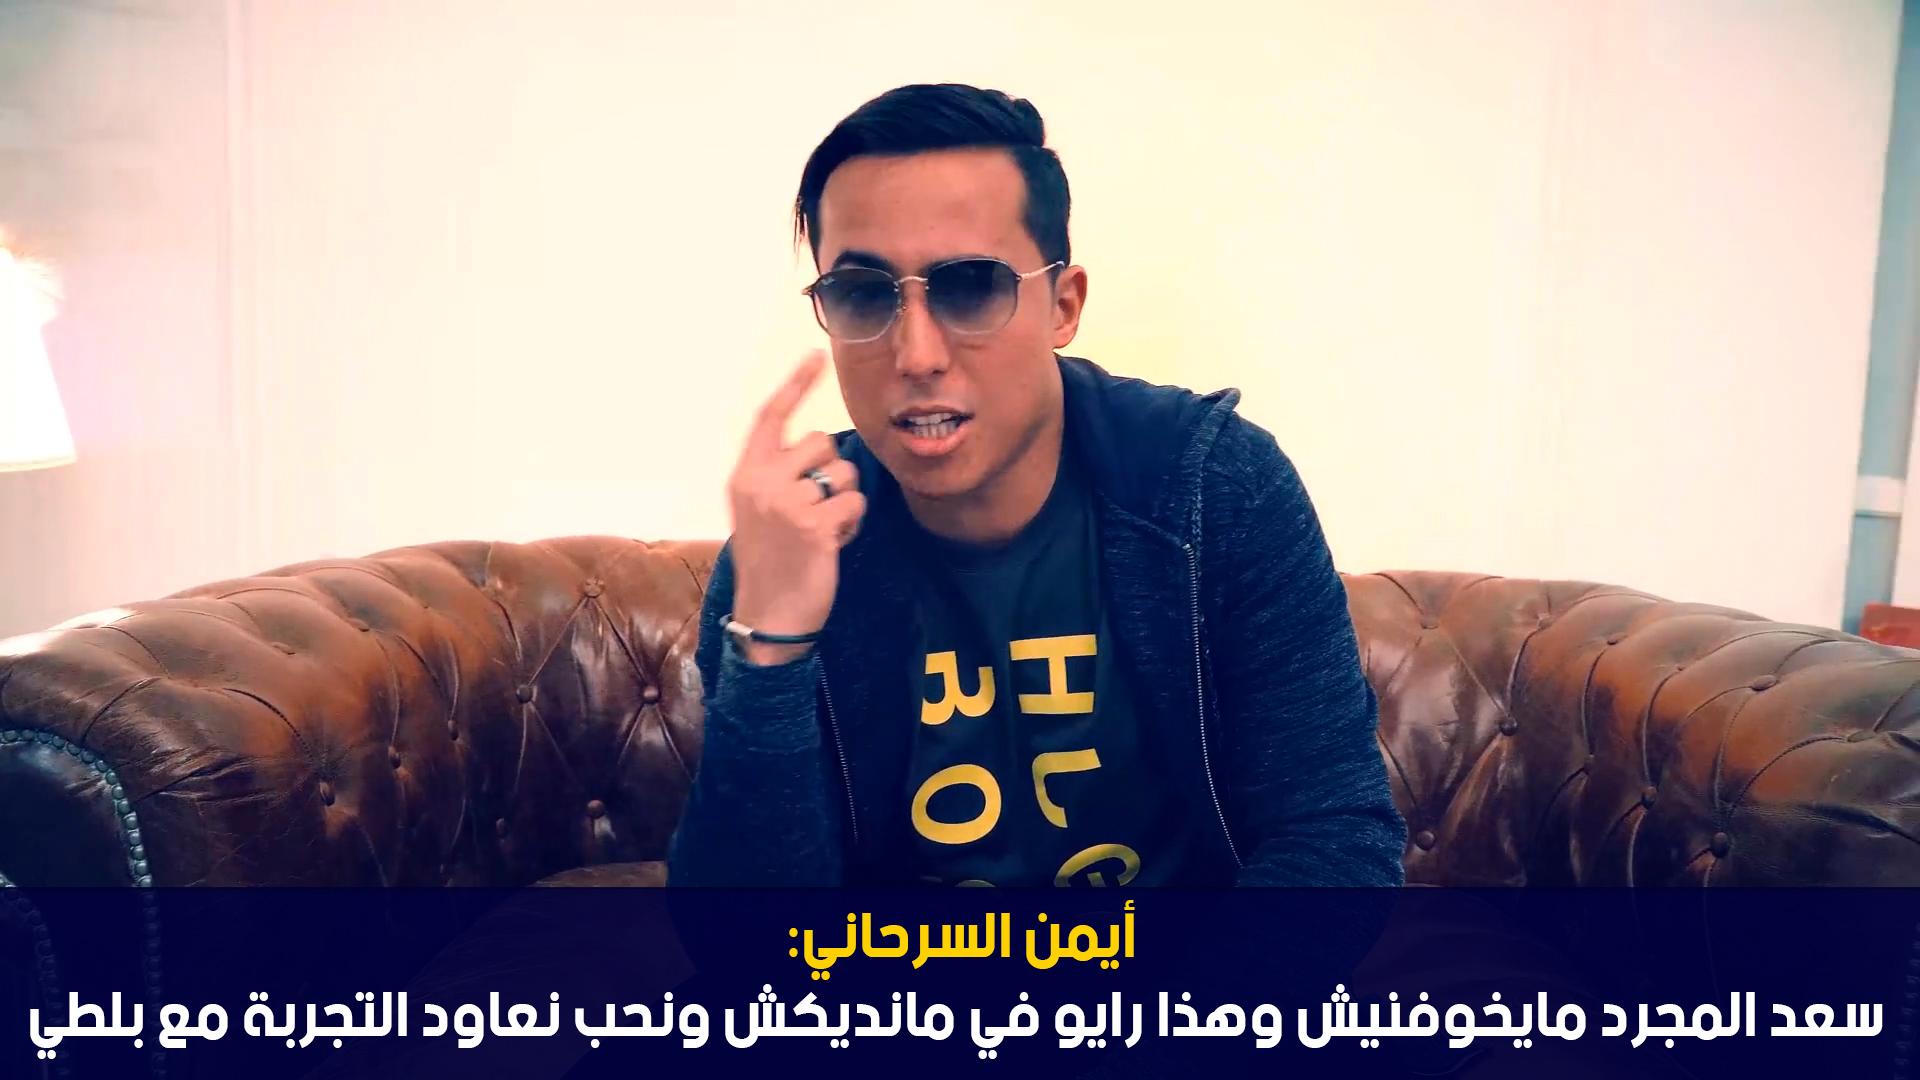 أيمن السرحاني: سعد المجرد مايخوفنيش وهذا رايو في مانديكش ونحب نعاود التجربة مع بلطي